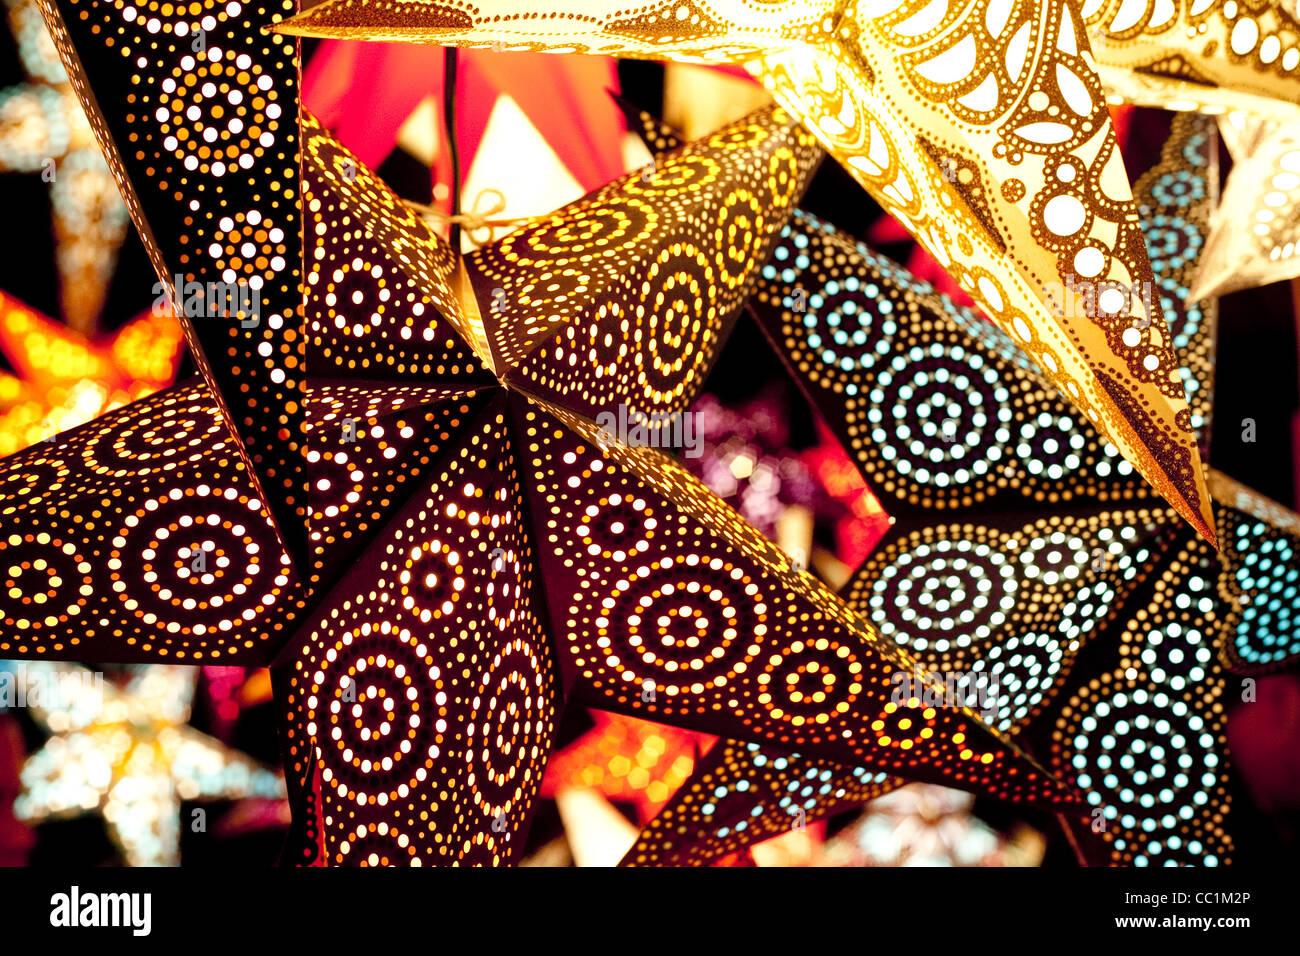 Luminosi colorati e dinamici illuminato di stelle di carta appeso in un mercato di Natale a Monaco di Baviera, Germania. Immagini Stock